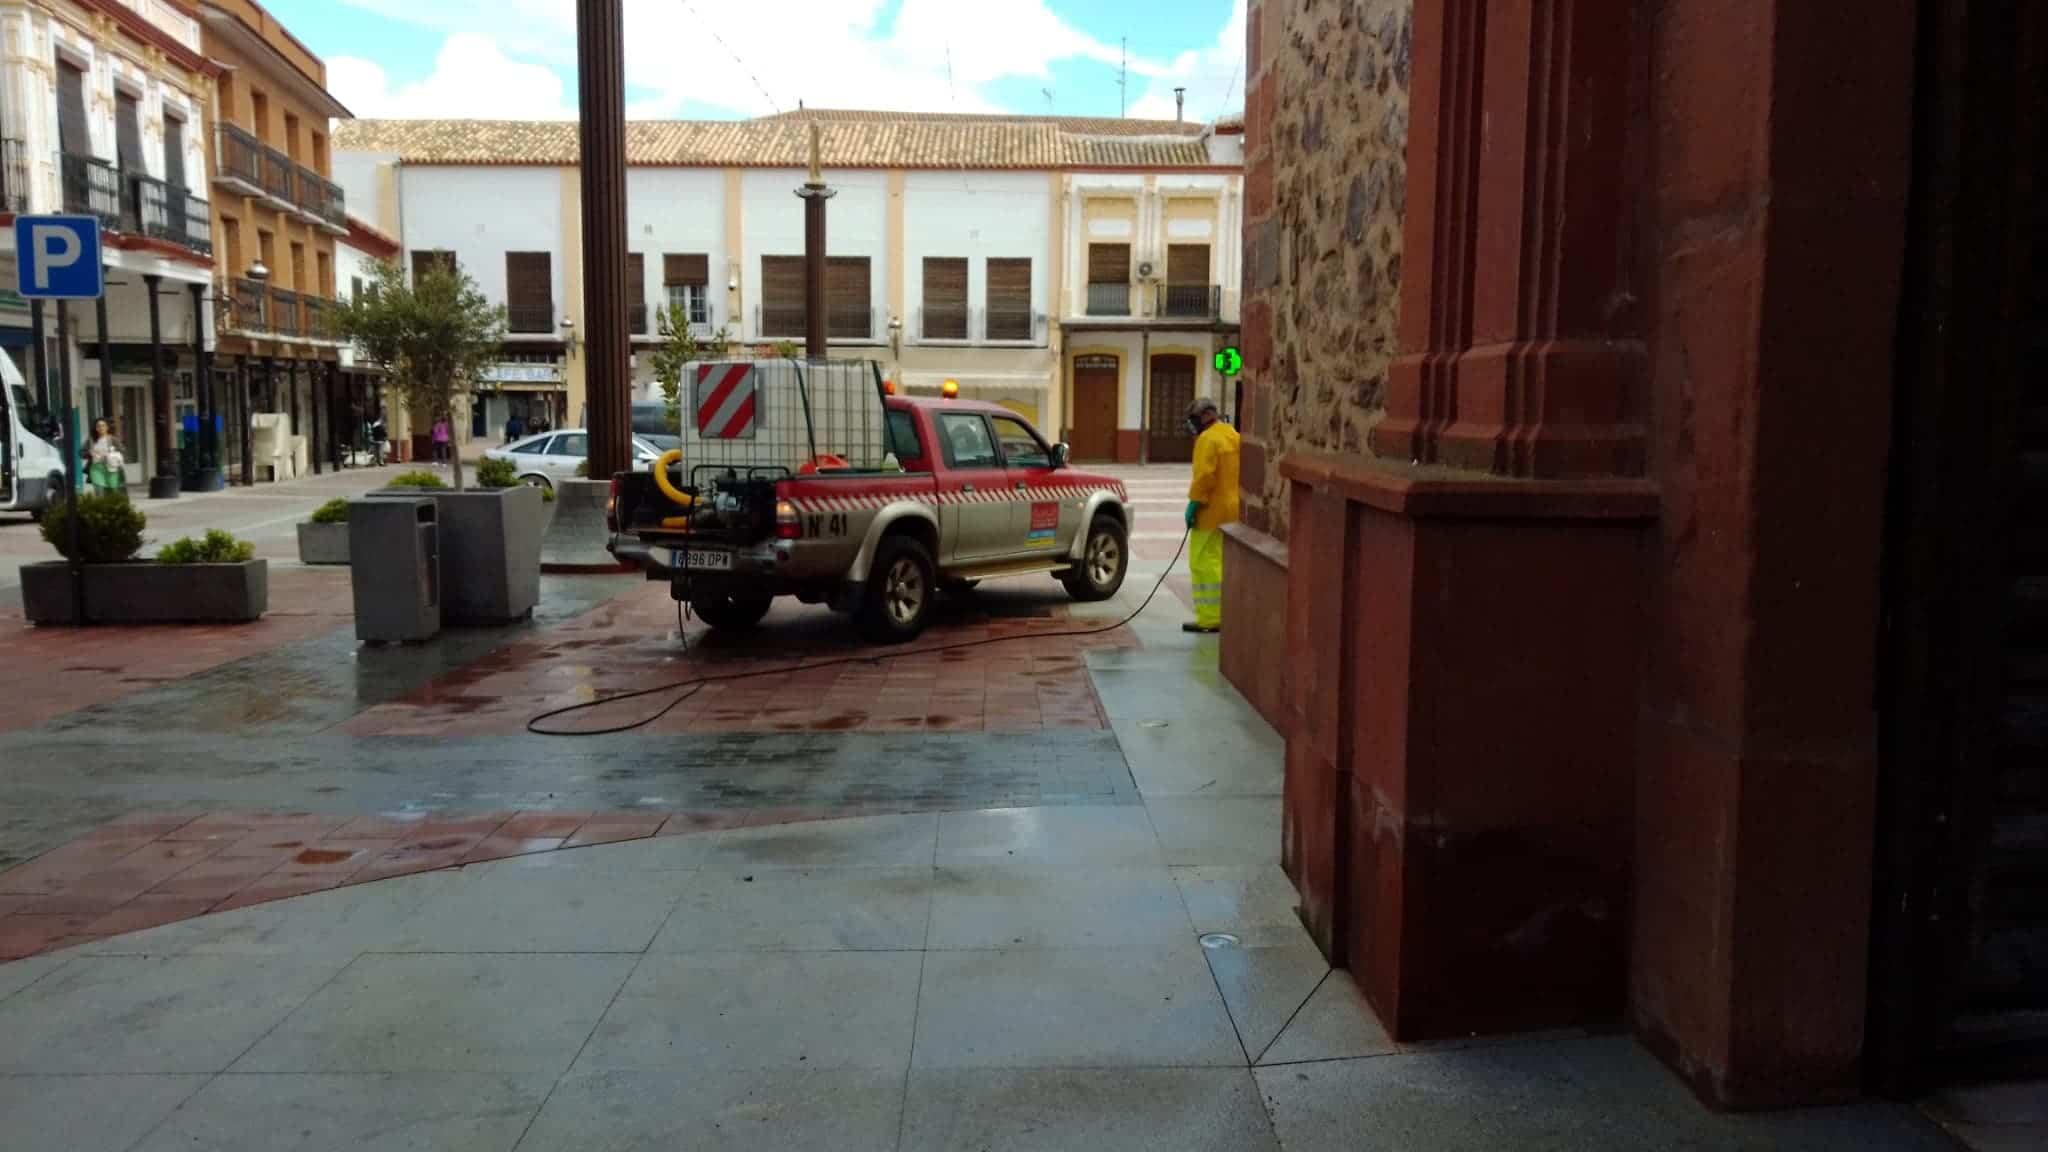 Continuan las labores de desinfección en la Plaza de España, Convento y Cervantes 11